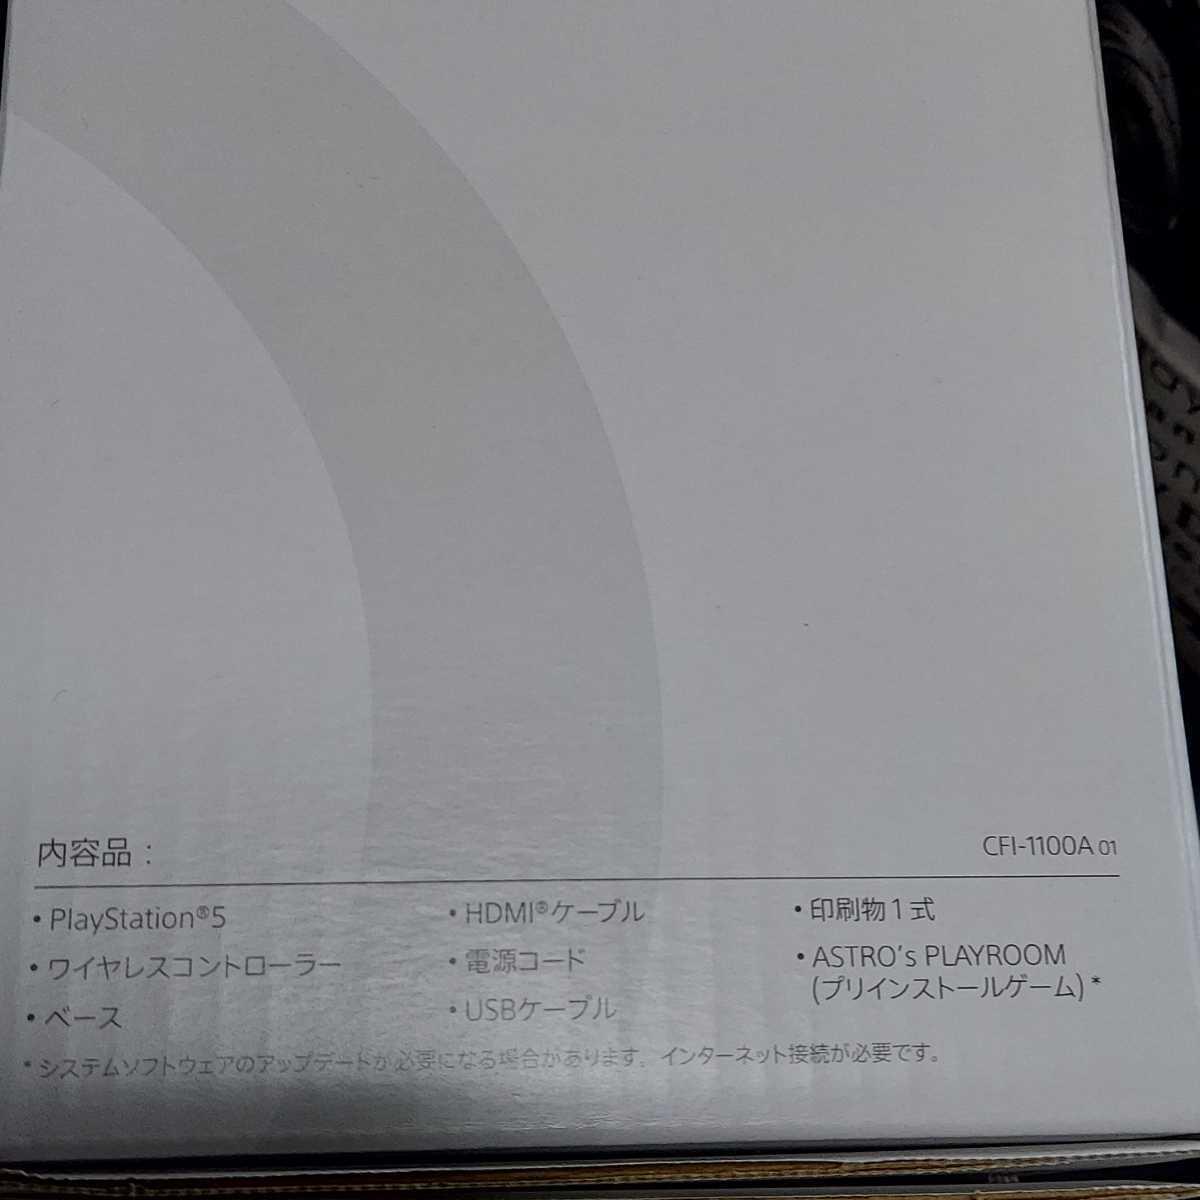 プレステ5 PlayStation 5 CFI-1100A01 通常版 日本製【最新 軽量版 PS5】プレイステーション5 本体 ディスクドライブ搭載モデル 送料無料_画像6